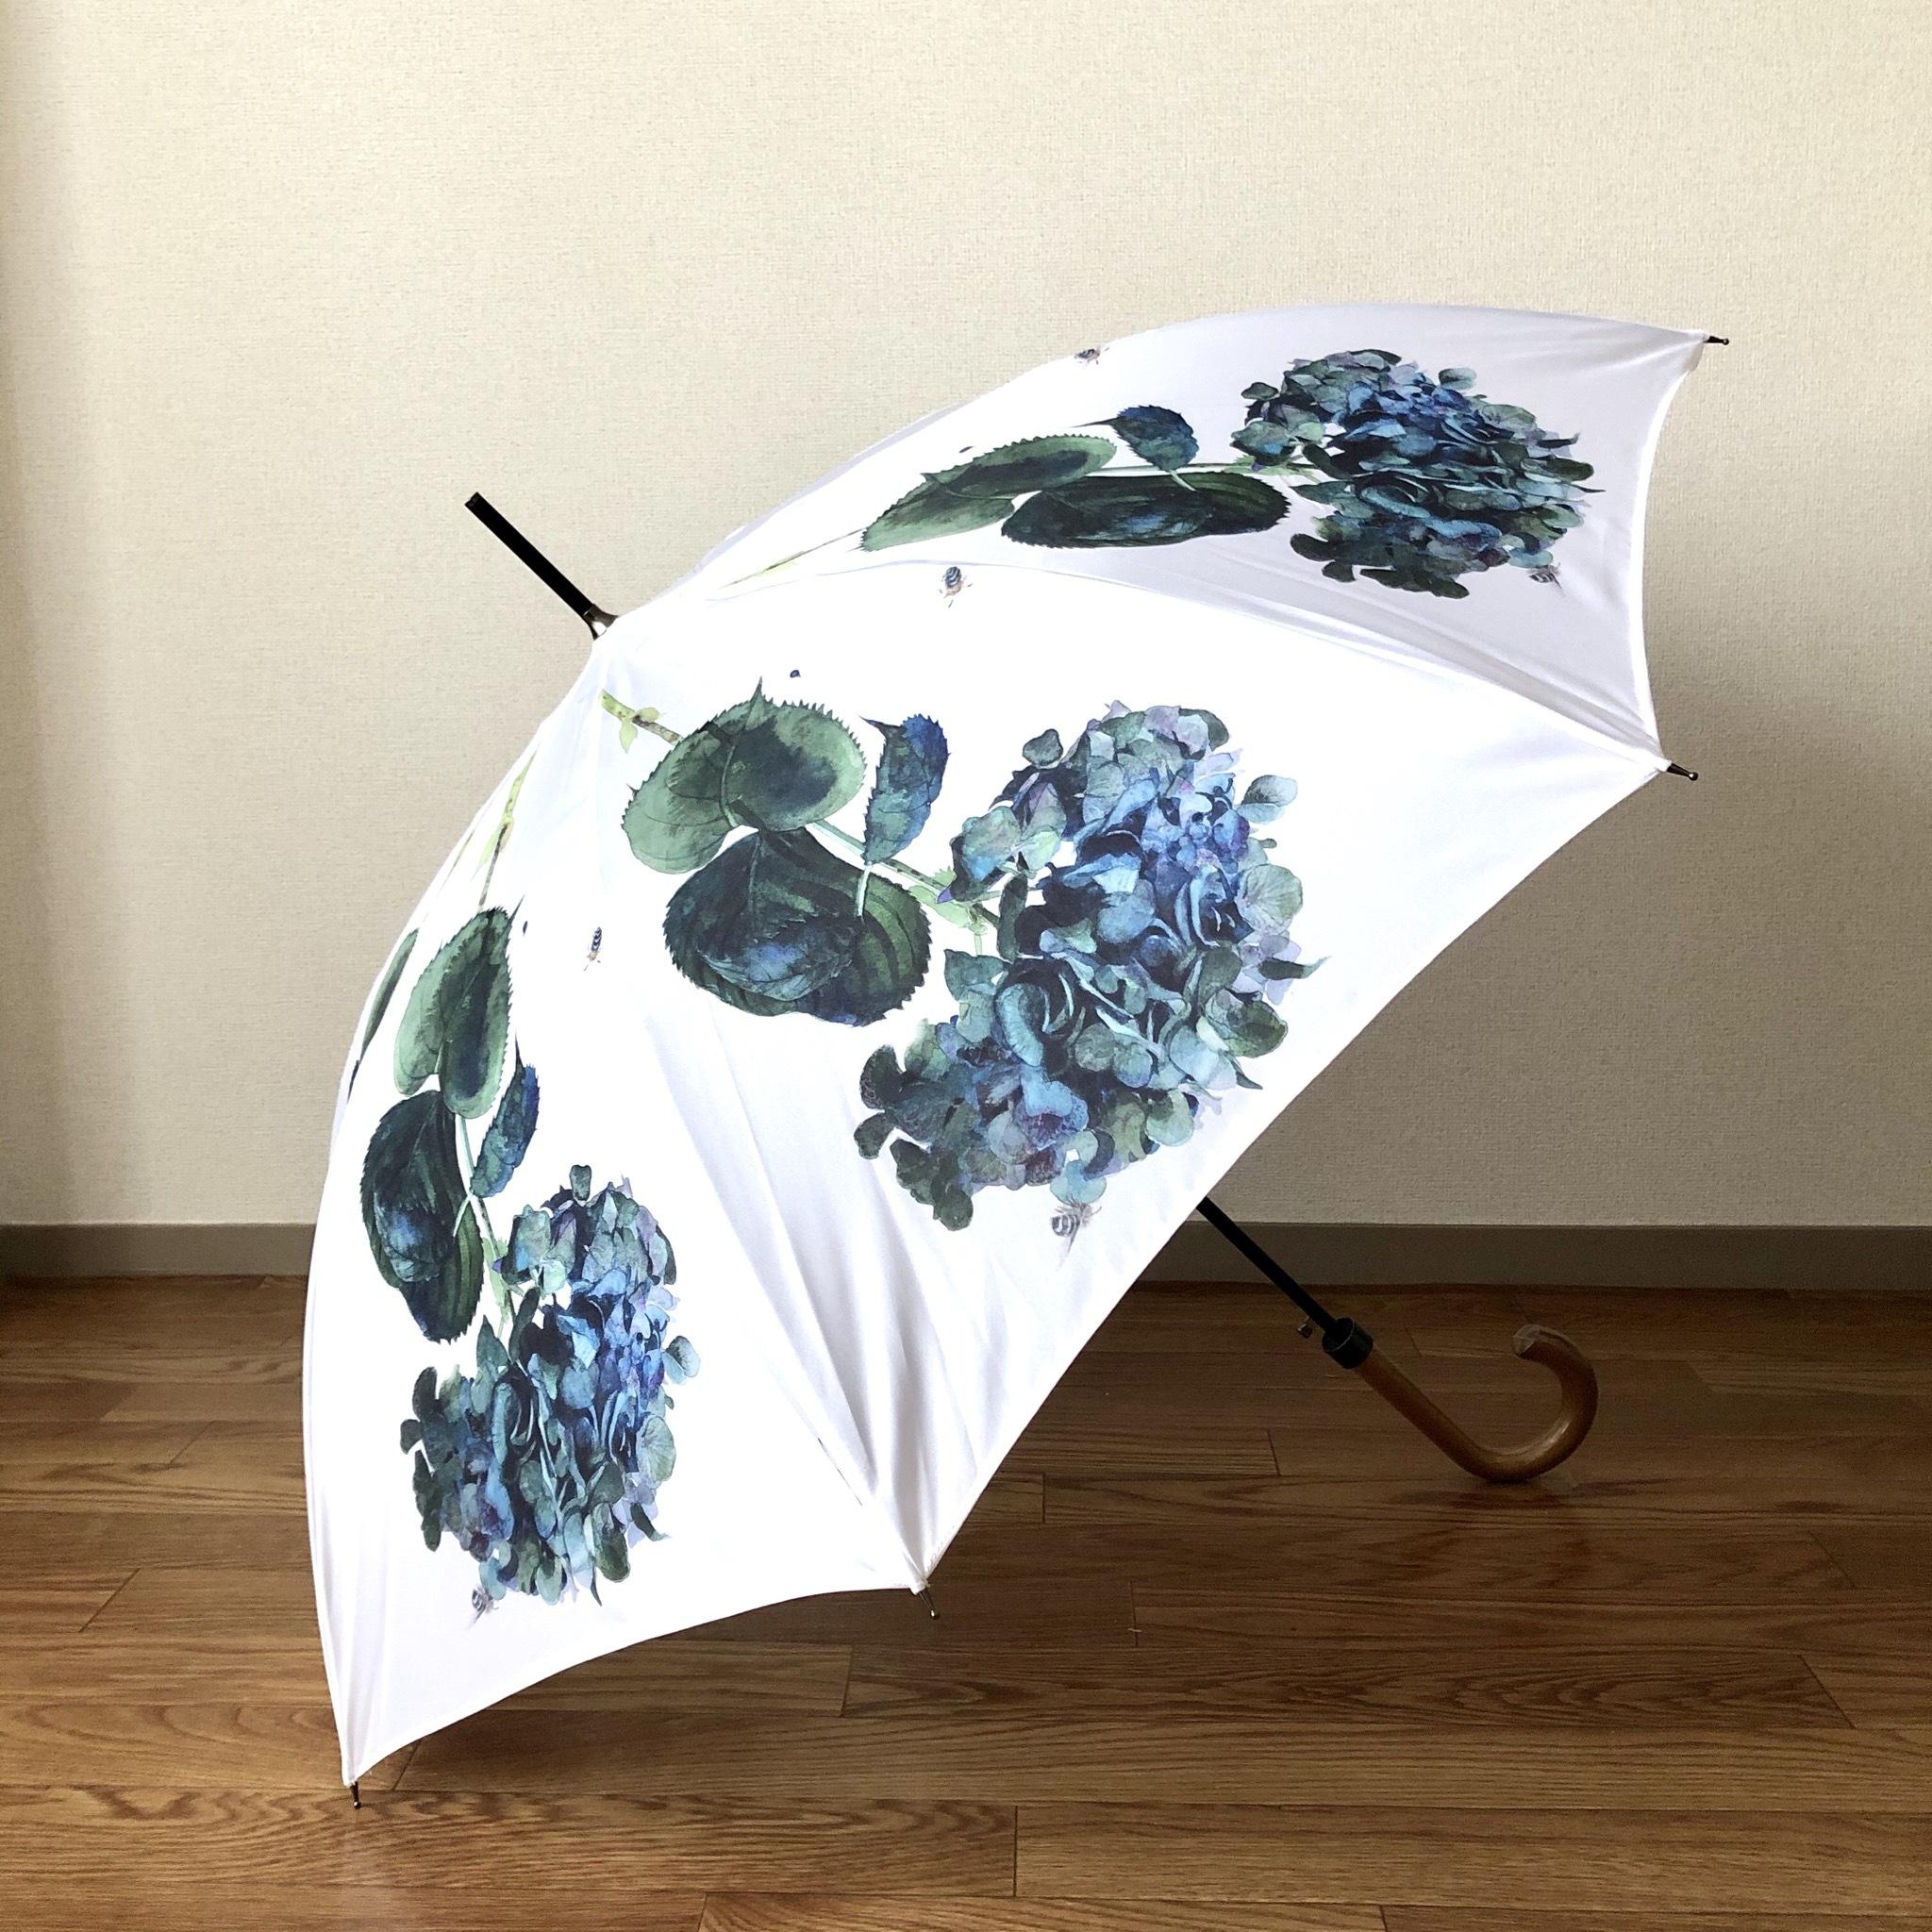 【受注生産】ターコイズウォータードロップ雨傘 - Turquoise water drop umbrella